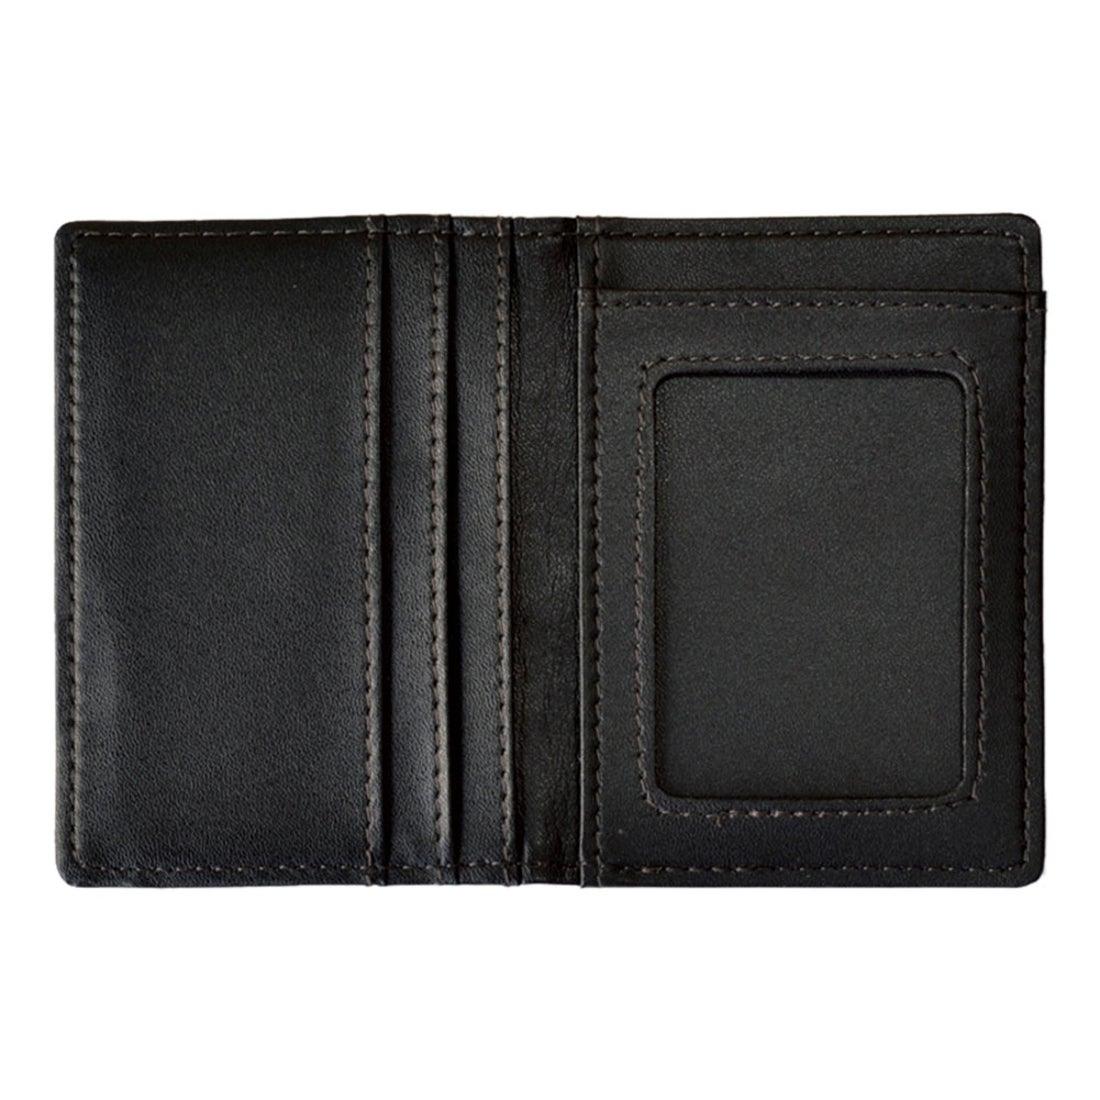 ノーブランド No Brand スキミング防止カードケース (黒)